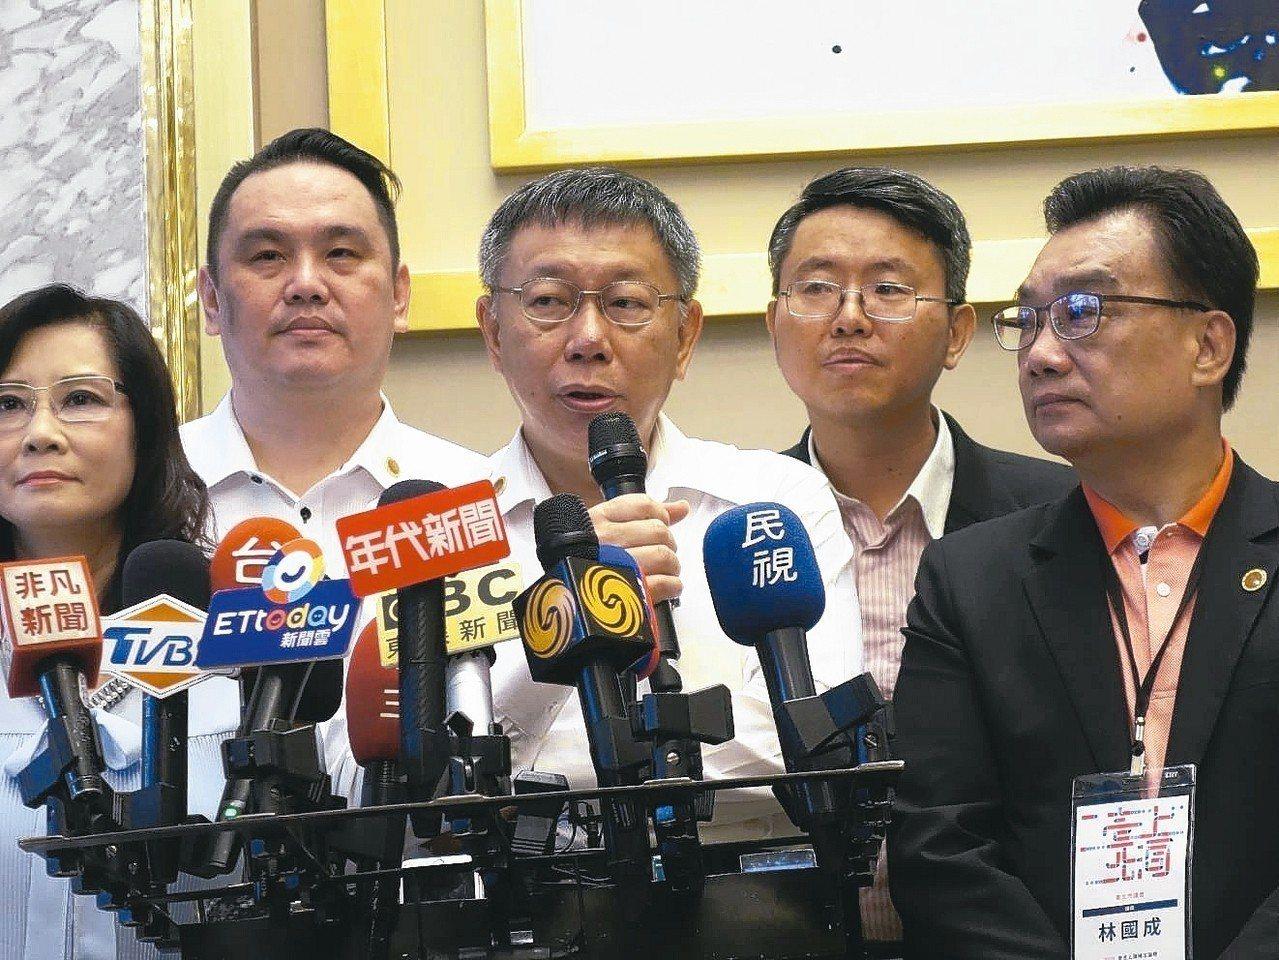 「柯劉會」是本屆雙城論壇關鍵亮點,直到上午才確定。圖為台北市長柯文哲今早受訪。 ...